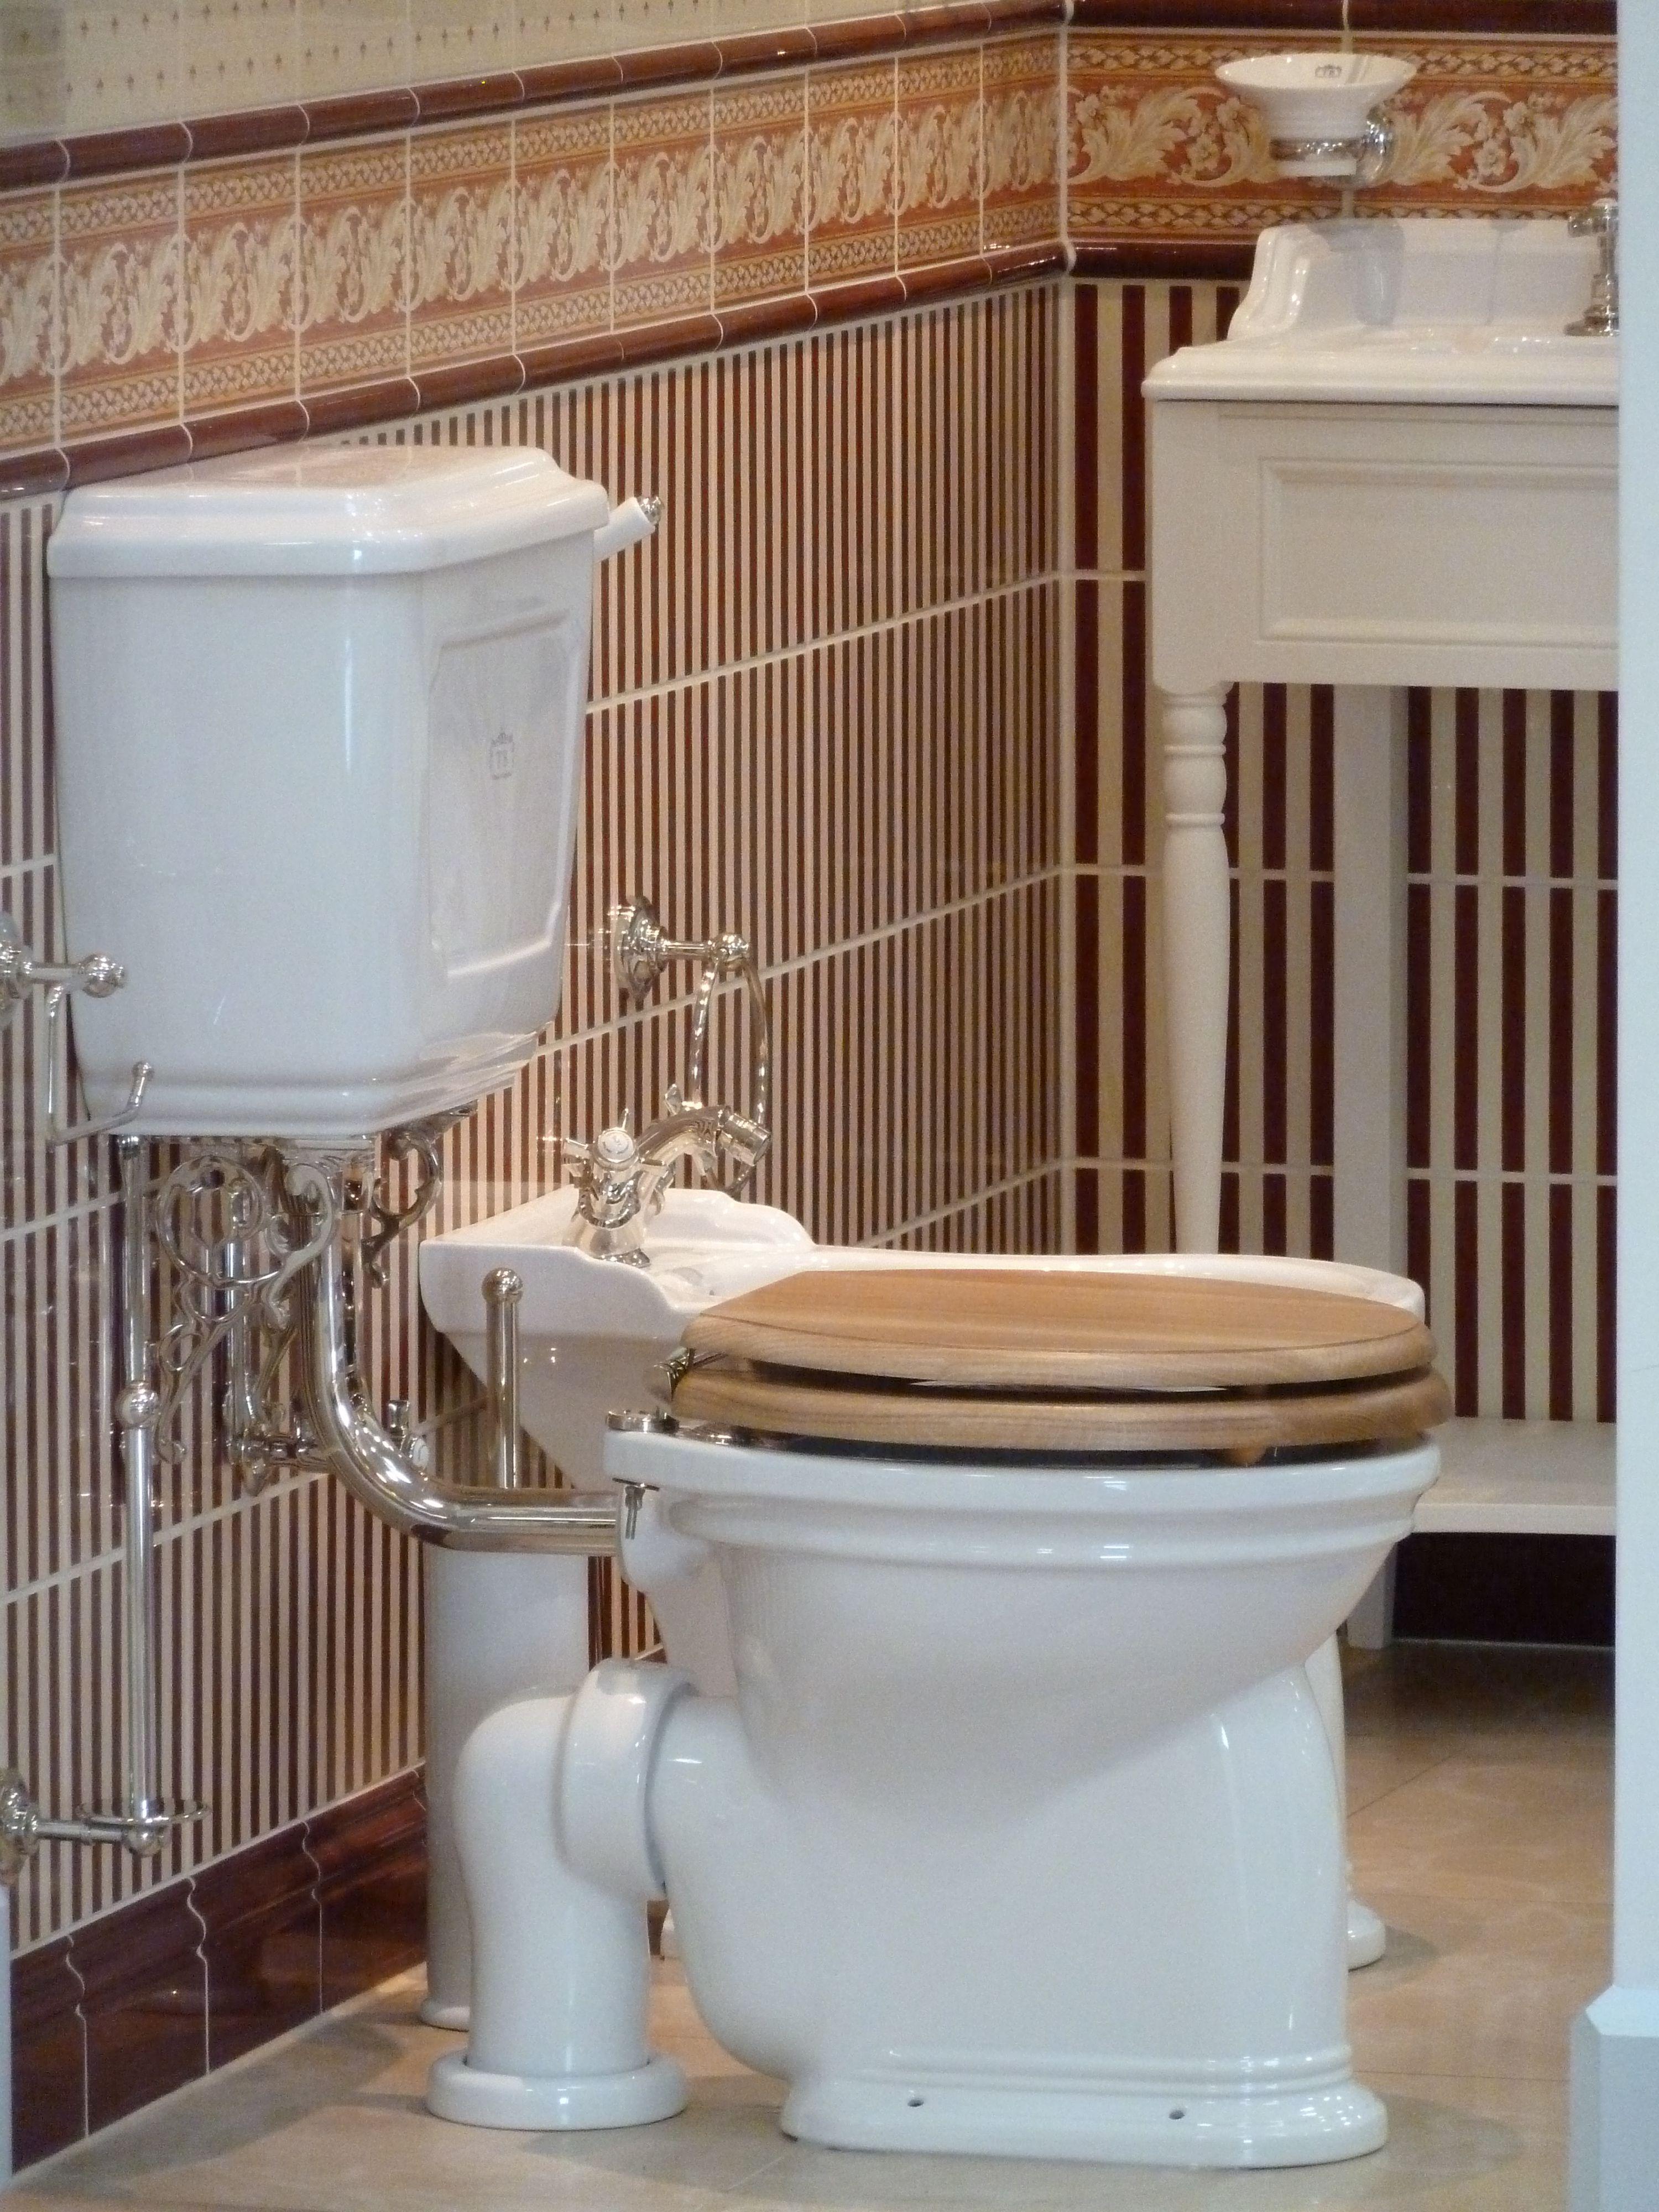 Nostagie Toilette Traditionelle Bader Badezimmer Gusseisen Badewanne